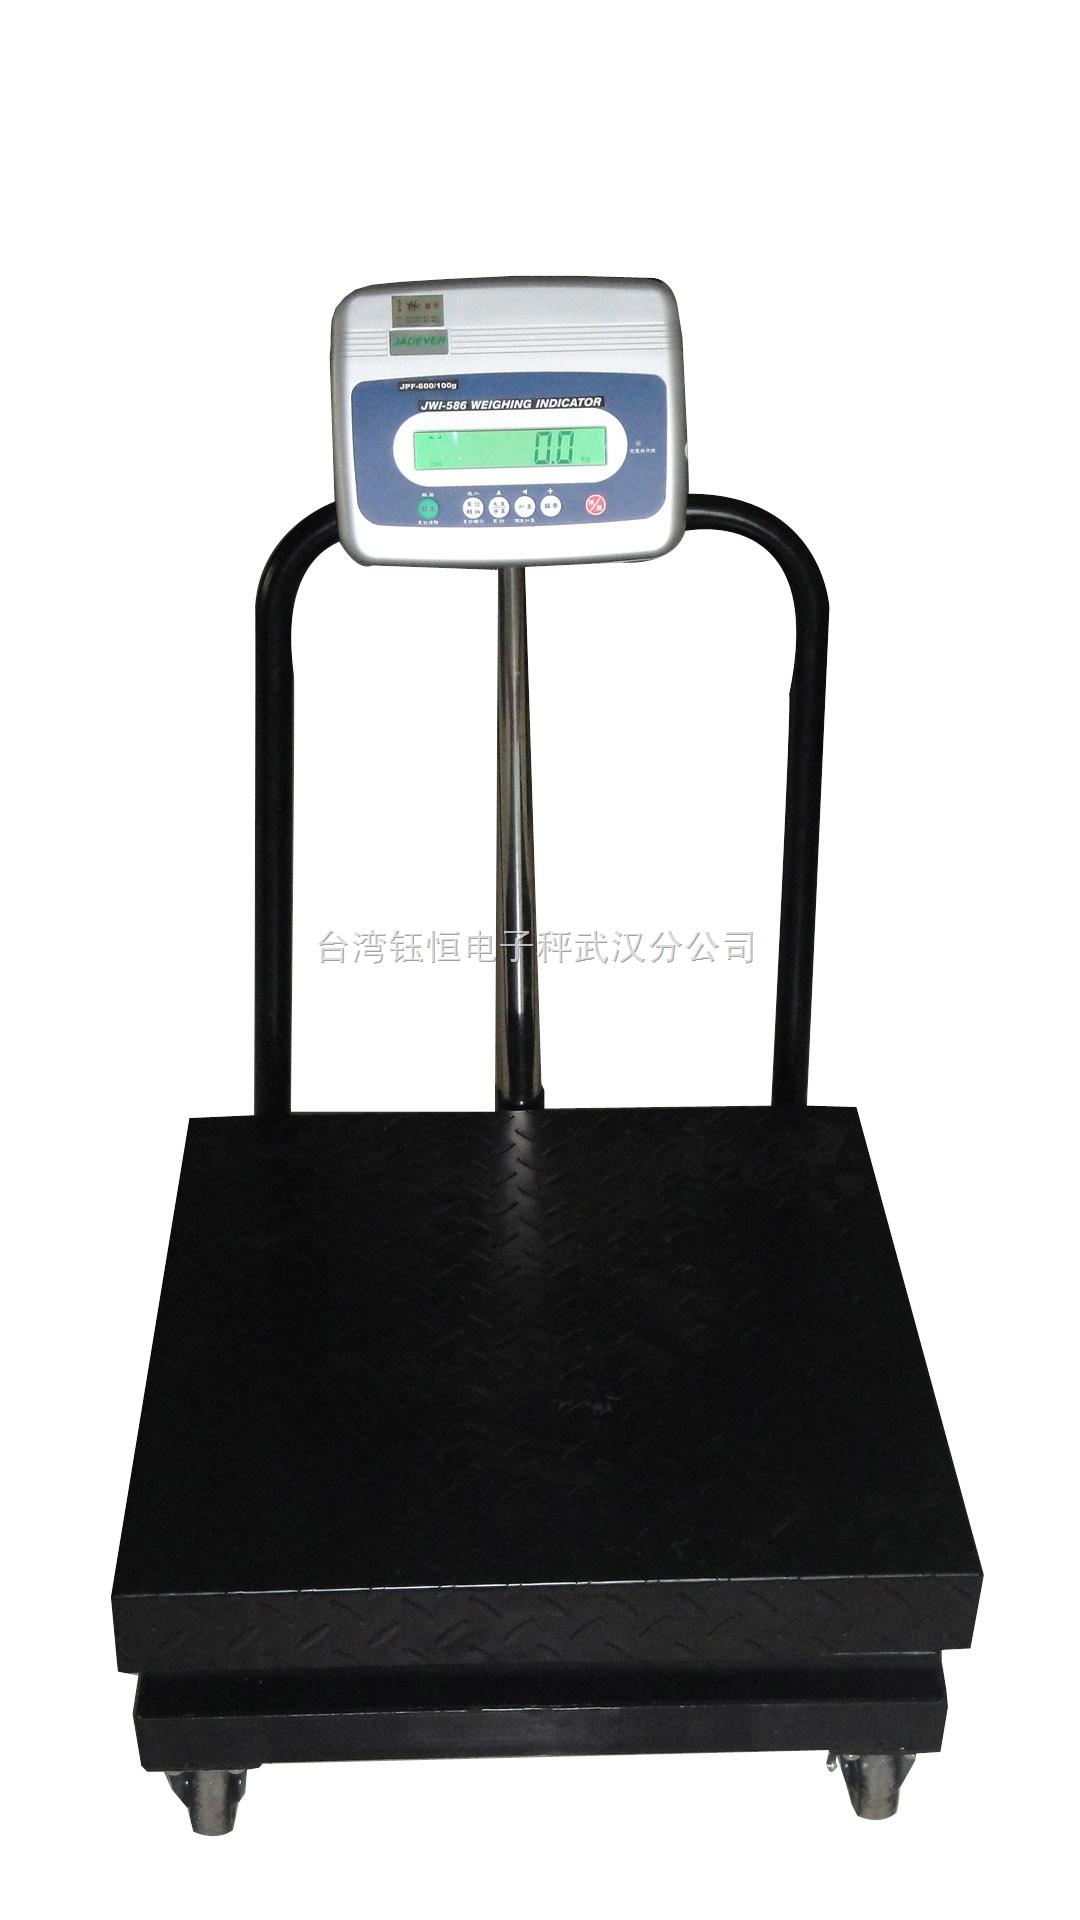 JPS-30KG,JADEVER杰特沃钰恒JPS-30公斤电子称,JPS计重台秤